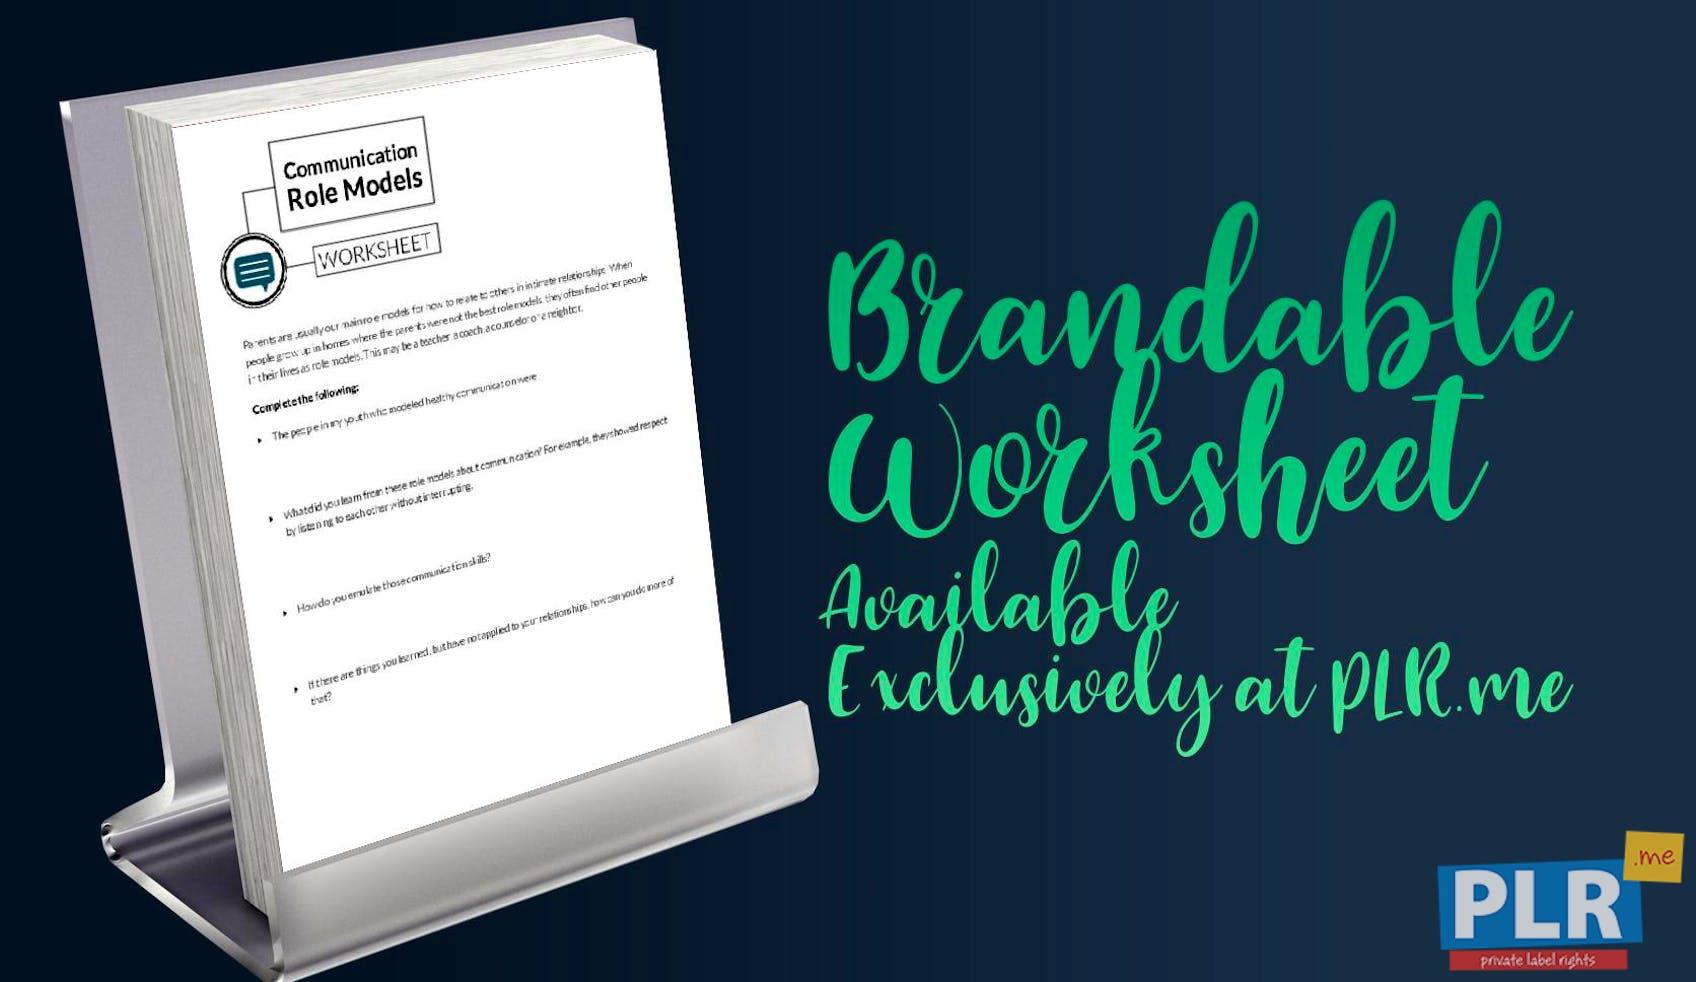 PLR Worksheets - Communication Role Models Worksheet - PLR.me